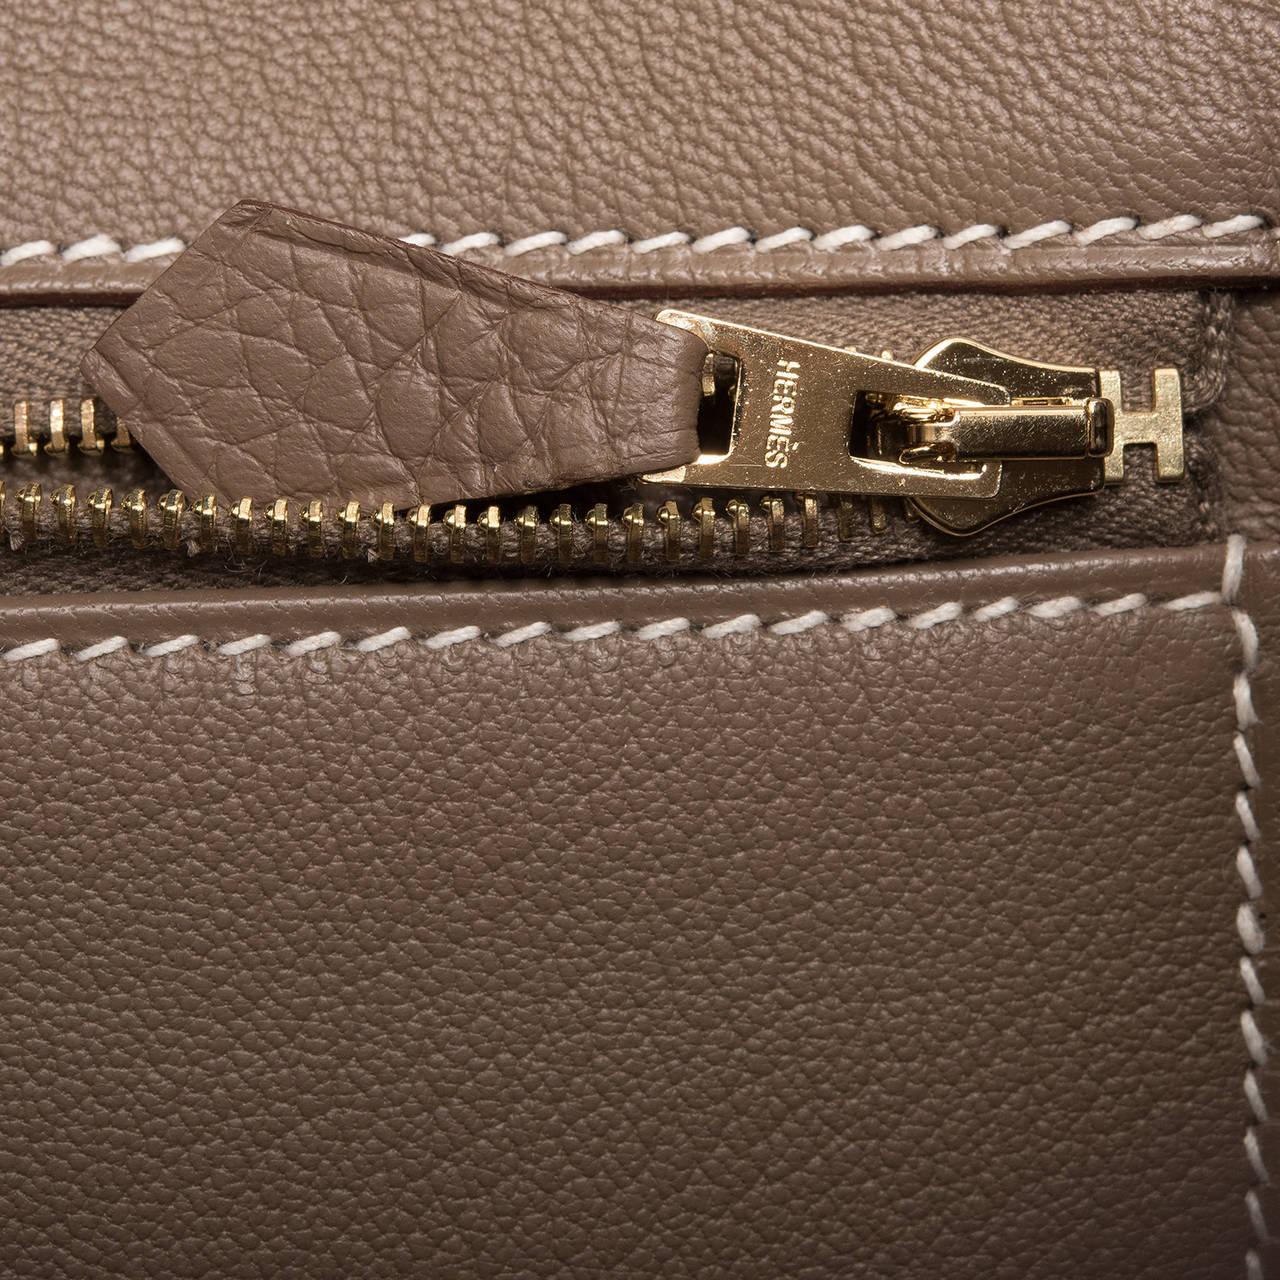 hermes handbags for sale - Hermes Etoupe Togo Birkin 35cm Gold Hardware For Sale at 1stdibs